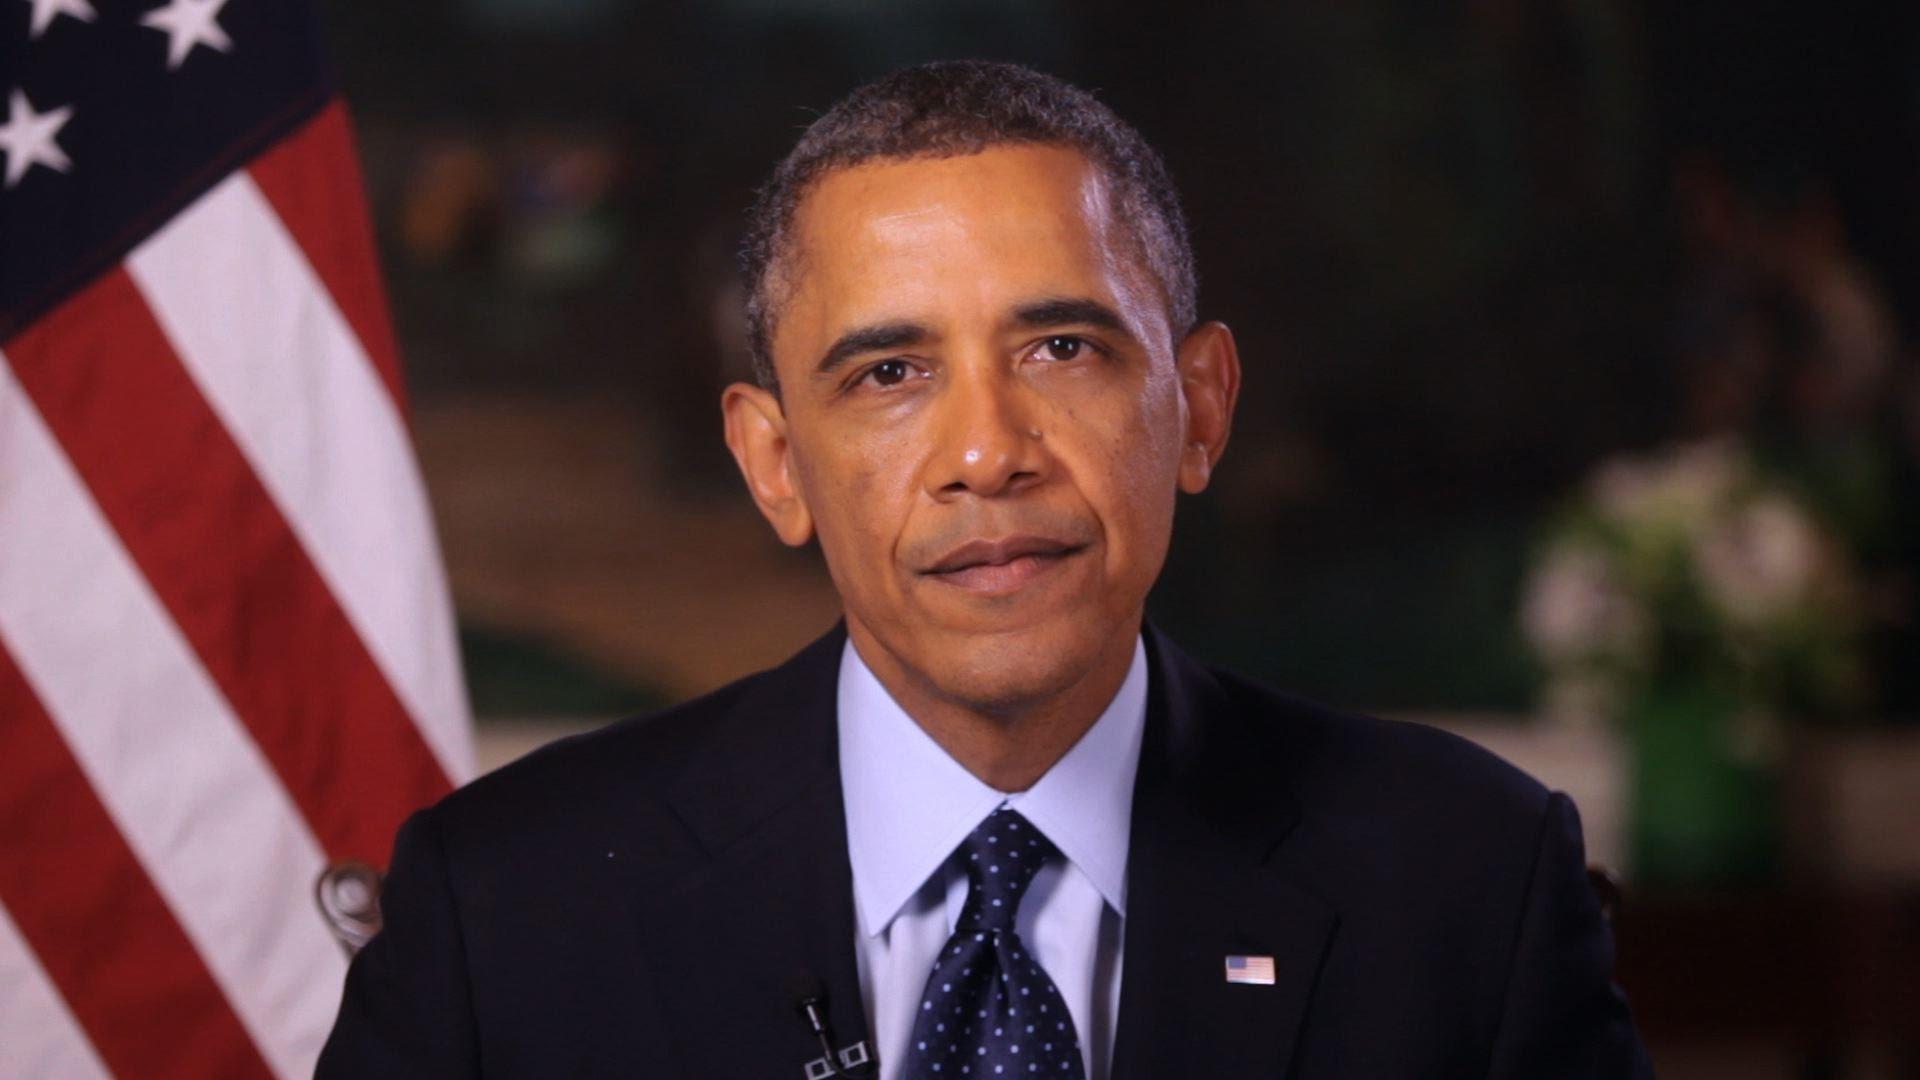 Prezydent Barack Obama podpisał dokument zakazujący importu dóbr wytwarzanych przez  osoby nieletnie oraz współczesnych niewolników